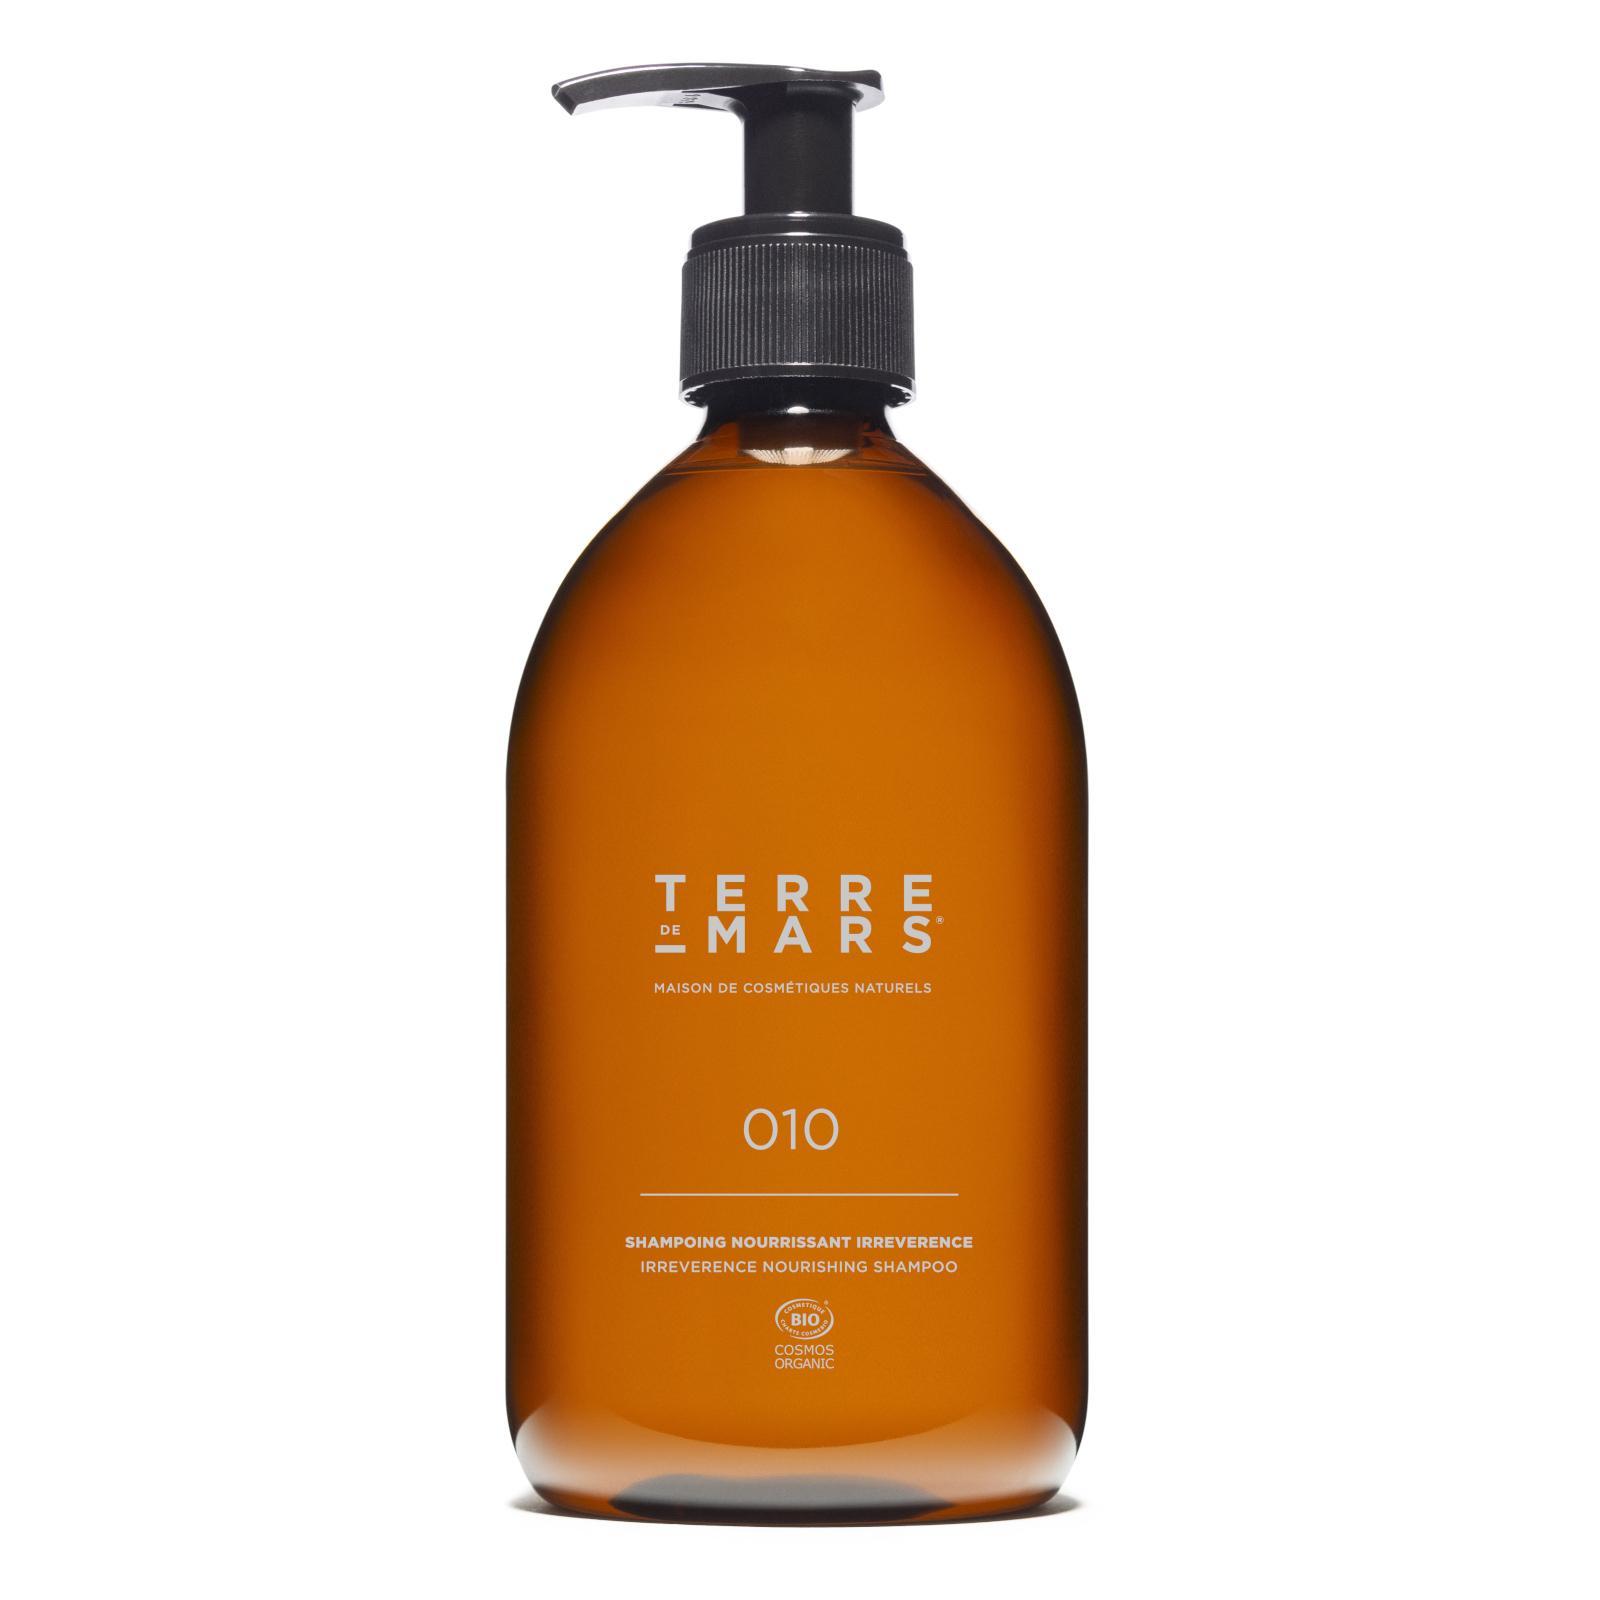 Terre de Mars Vyživující šampon, 010 500 ml